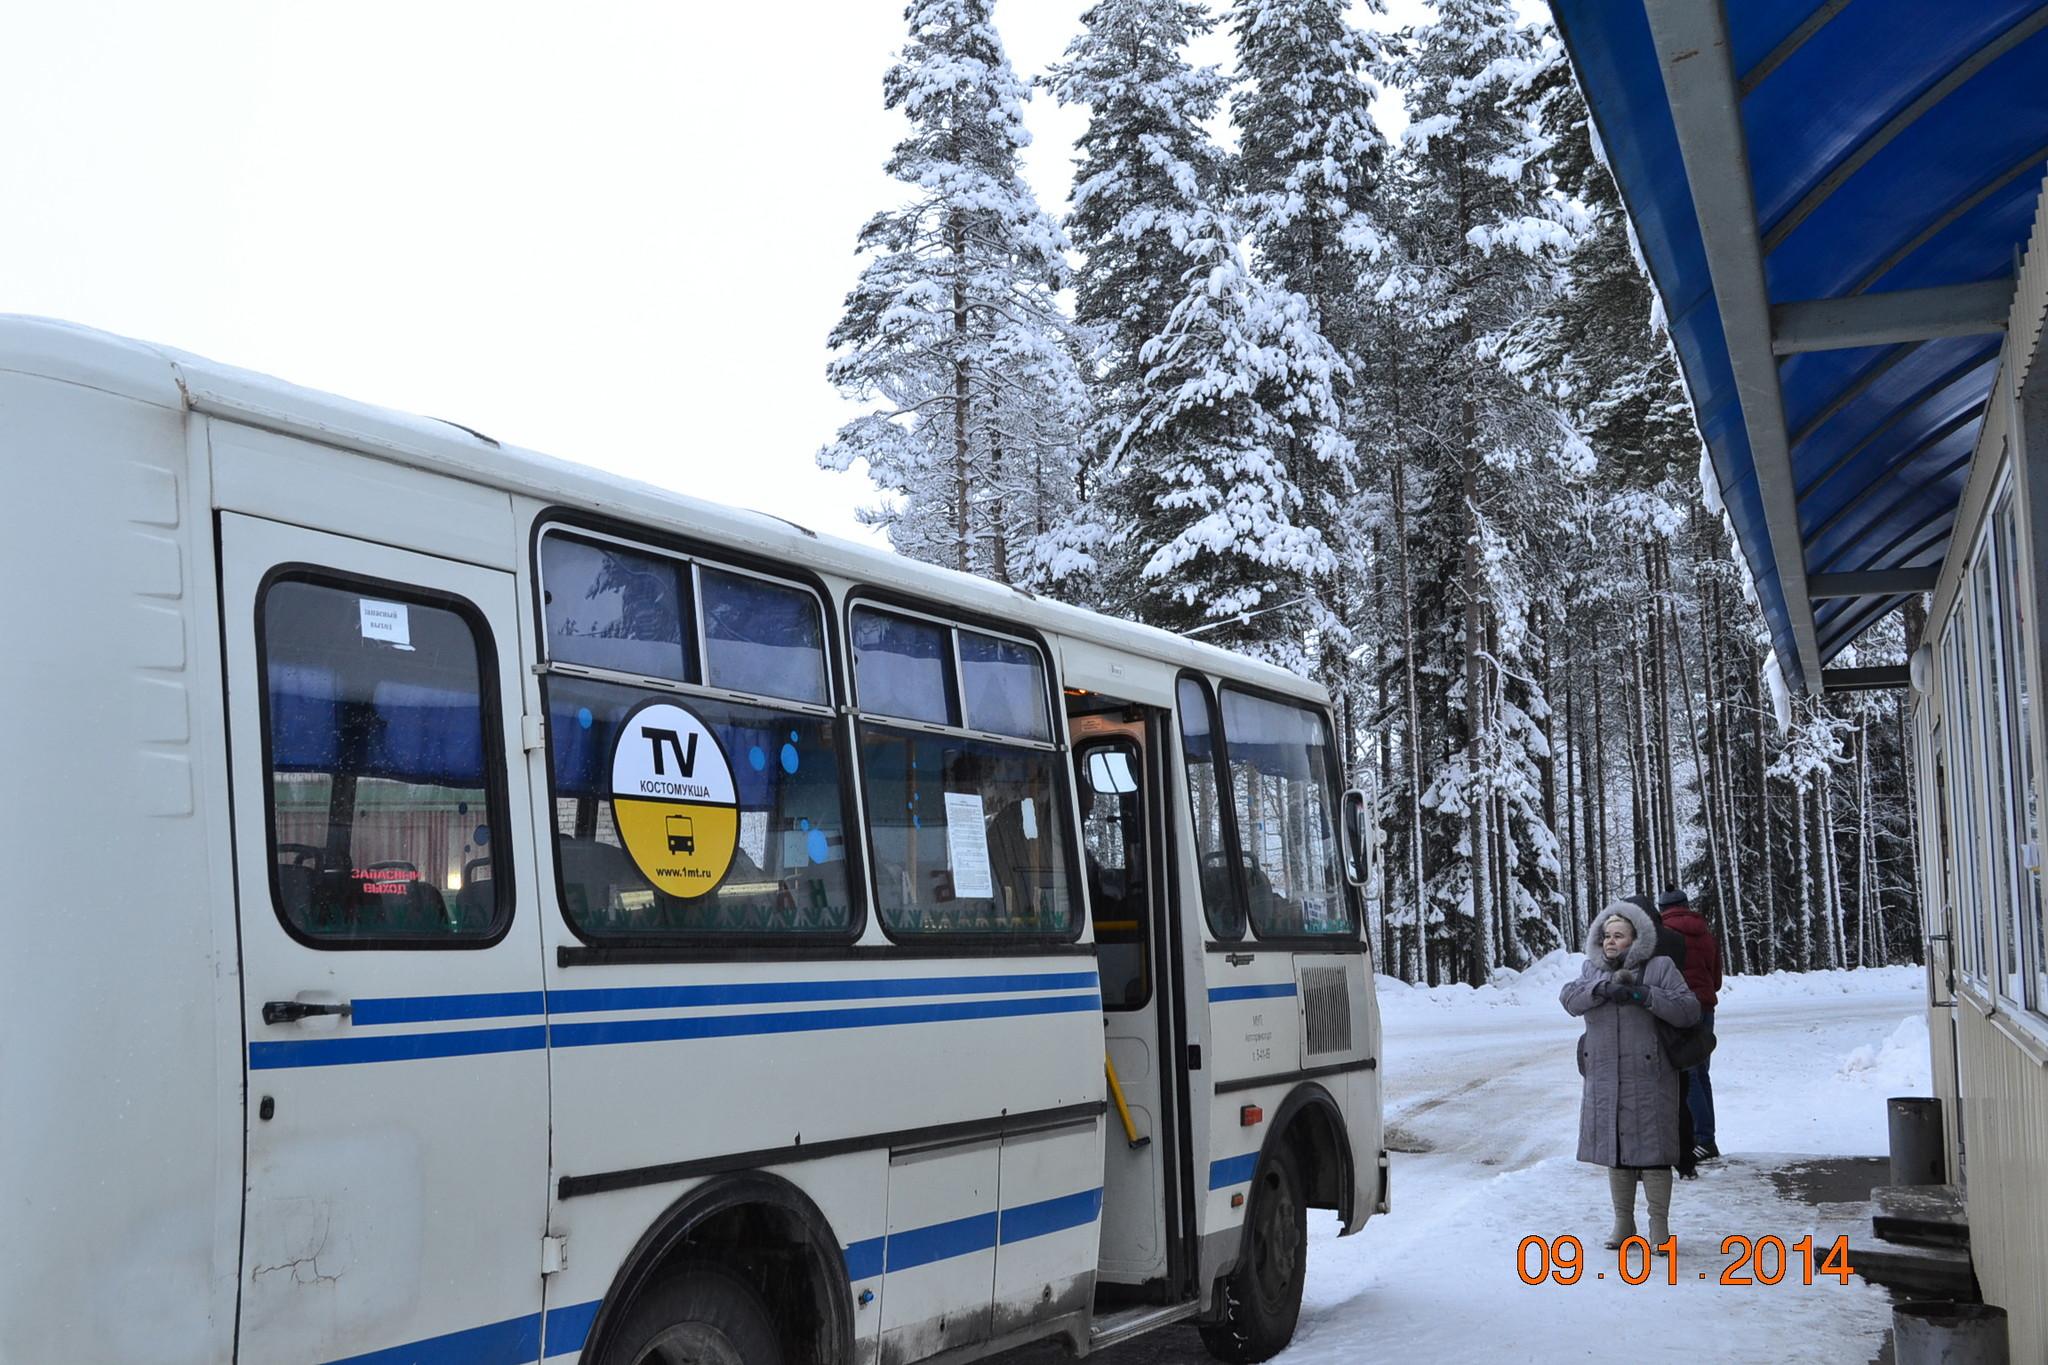 Видео реклама на мониторах в транспорте - Первое Маршрутное Телевидение - Костомукша